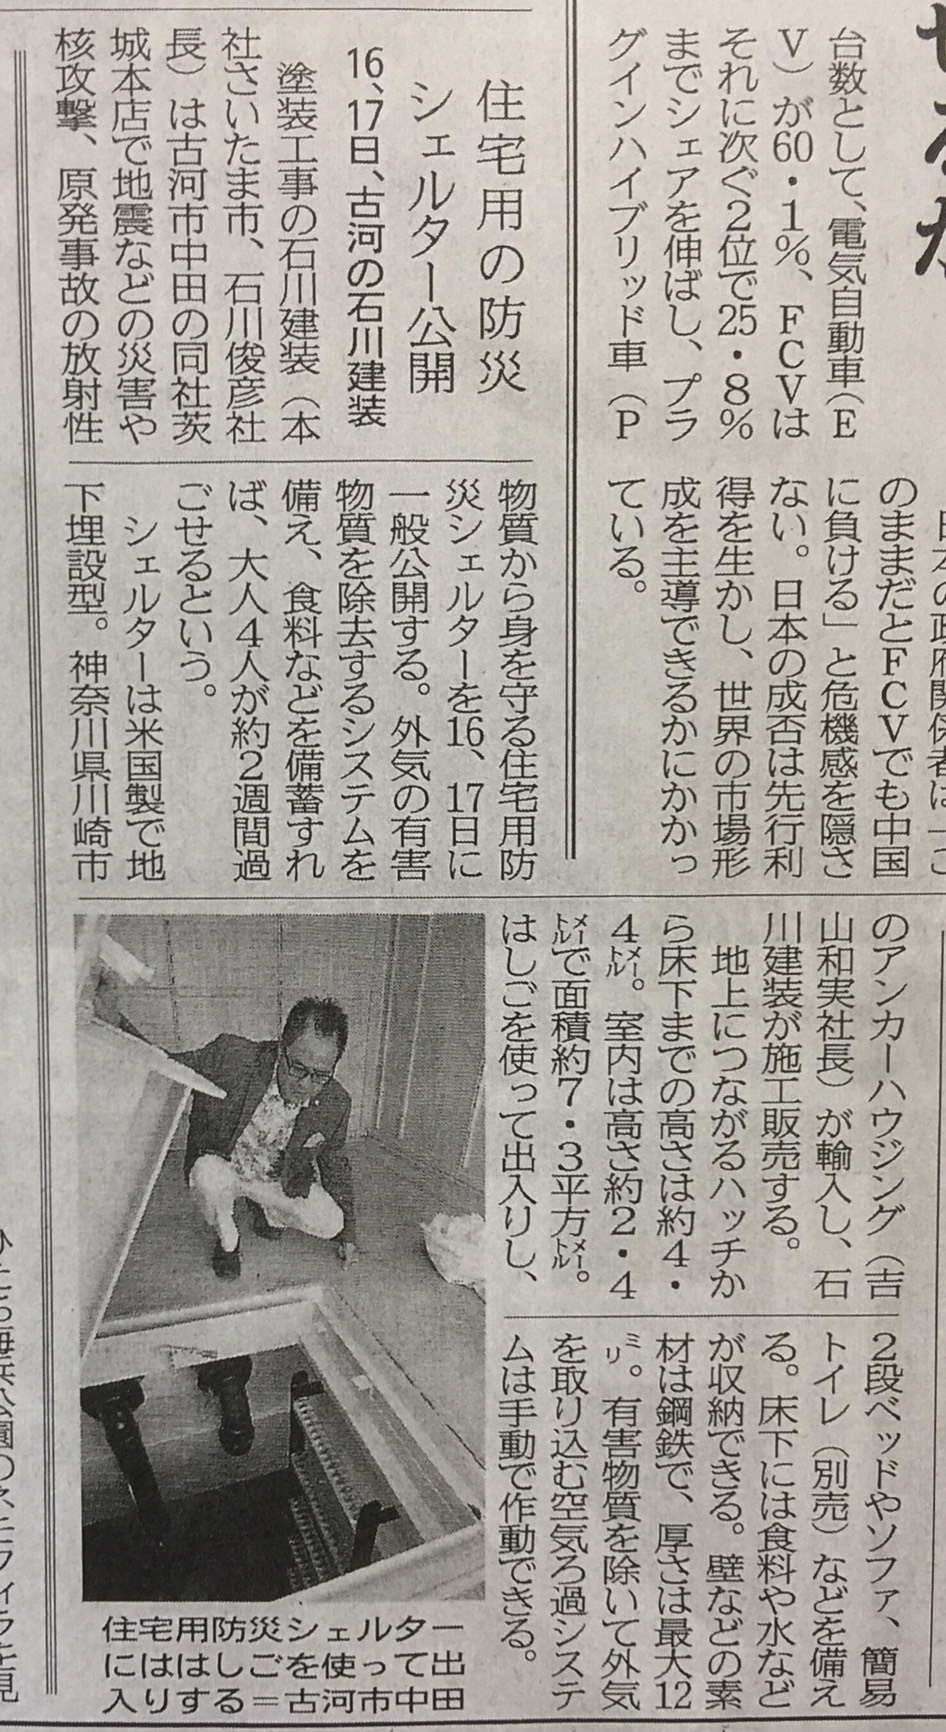 6月16日産経ニュース(WEB)、 茨城新聞でも報道されました。